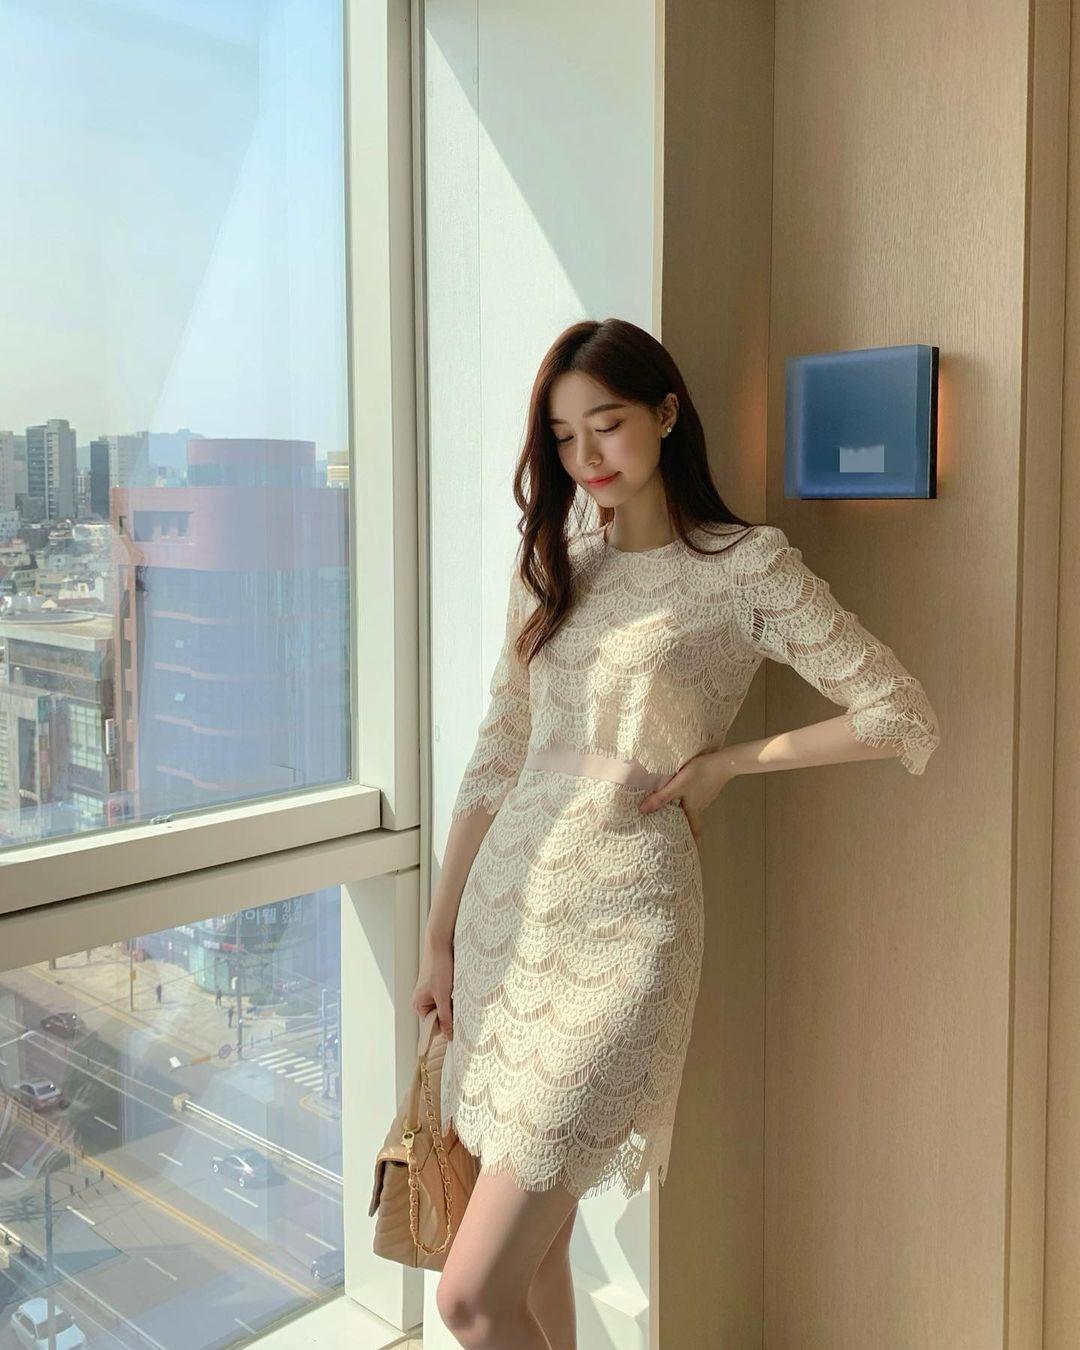 Hè đến là gái Hàn lại diện đủ kiểu váy trắng siêu trẻ xinh và tinh tế, xem mà muốn sắm cả 'lố' về nhà - Ảnh 17